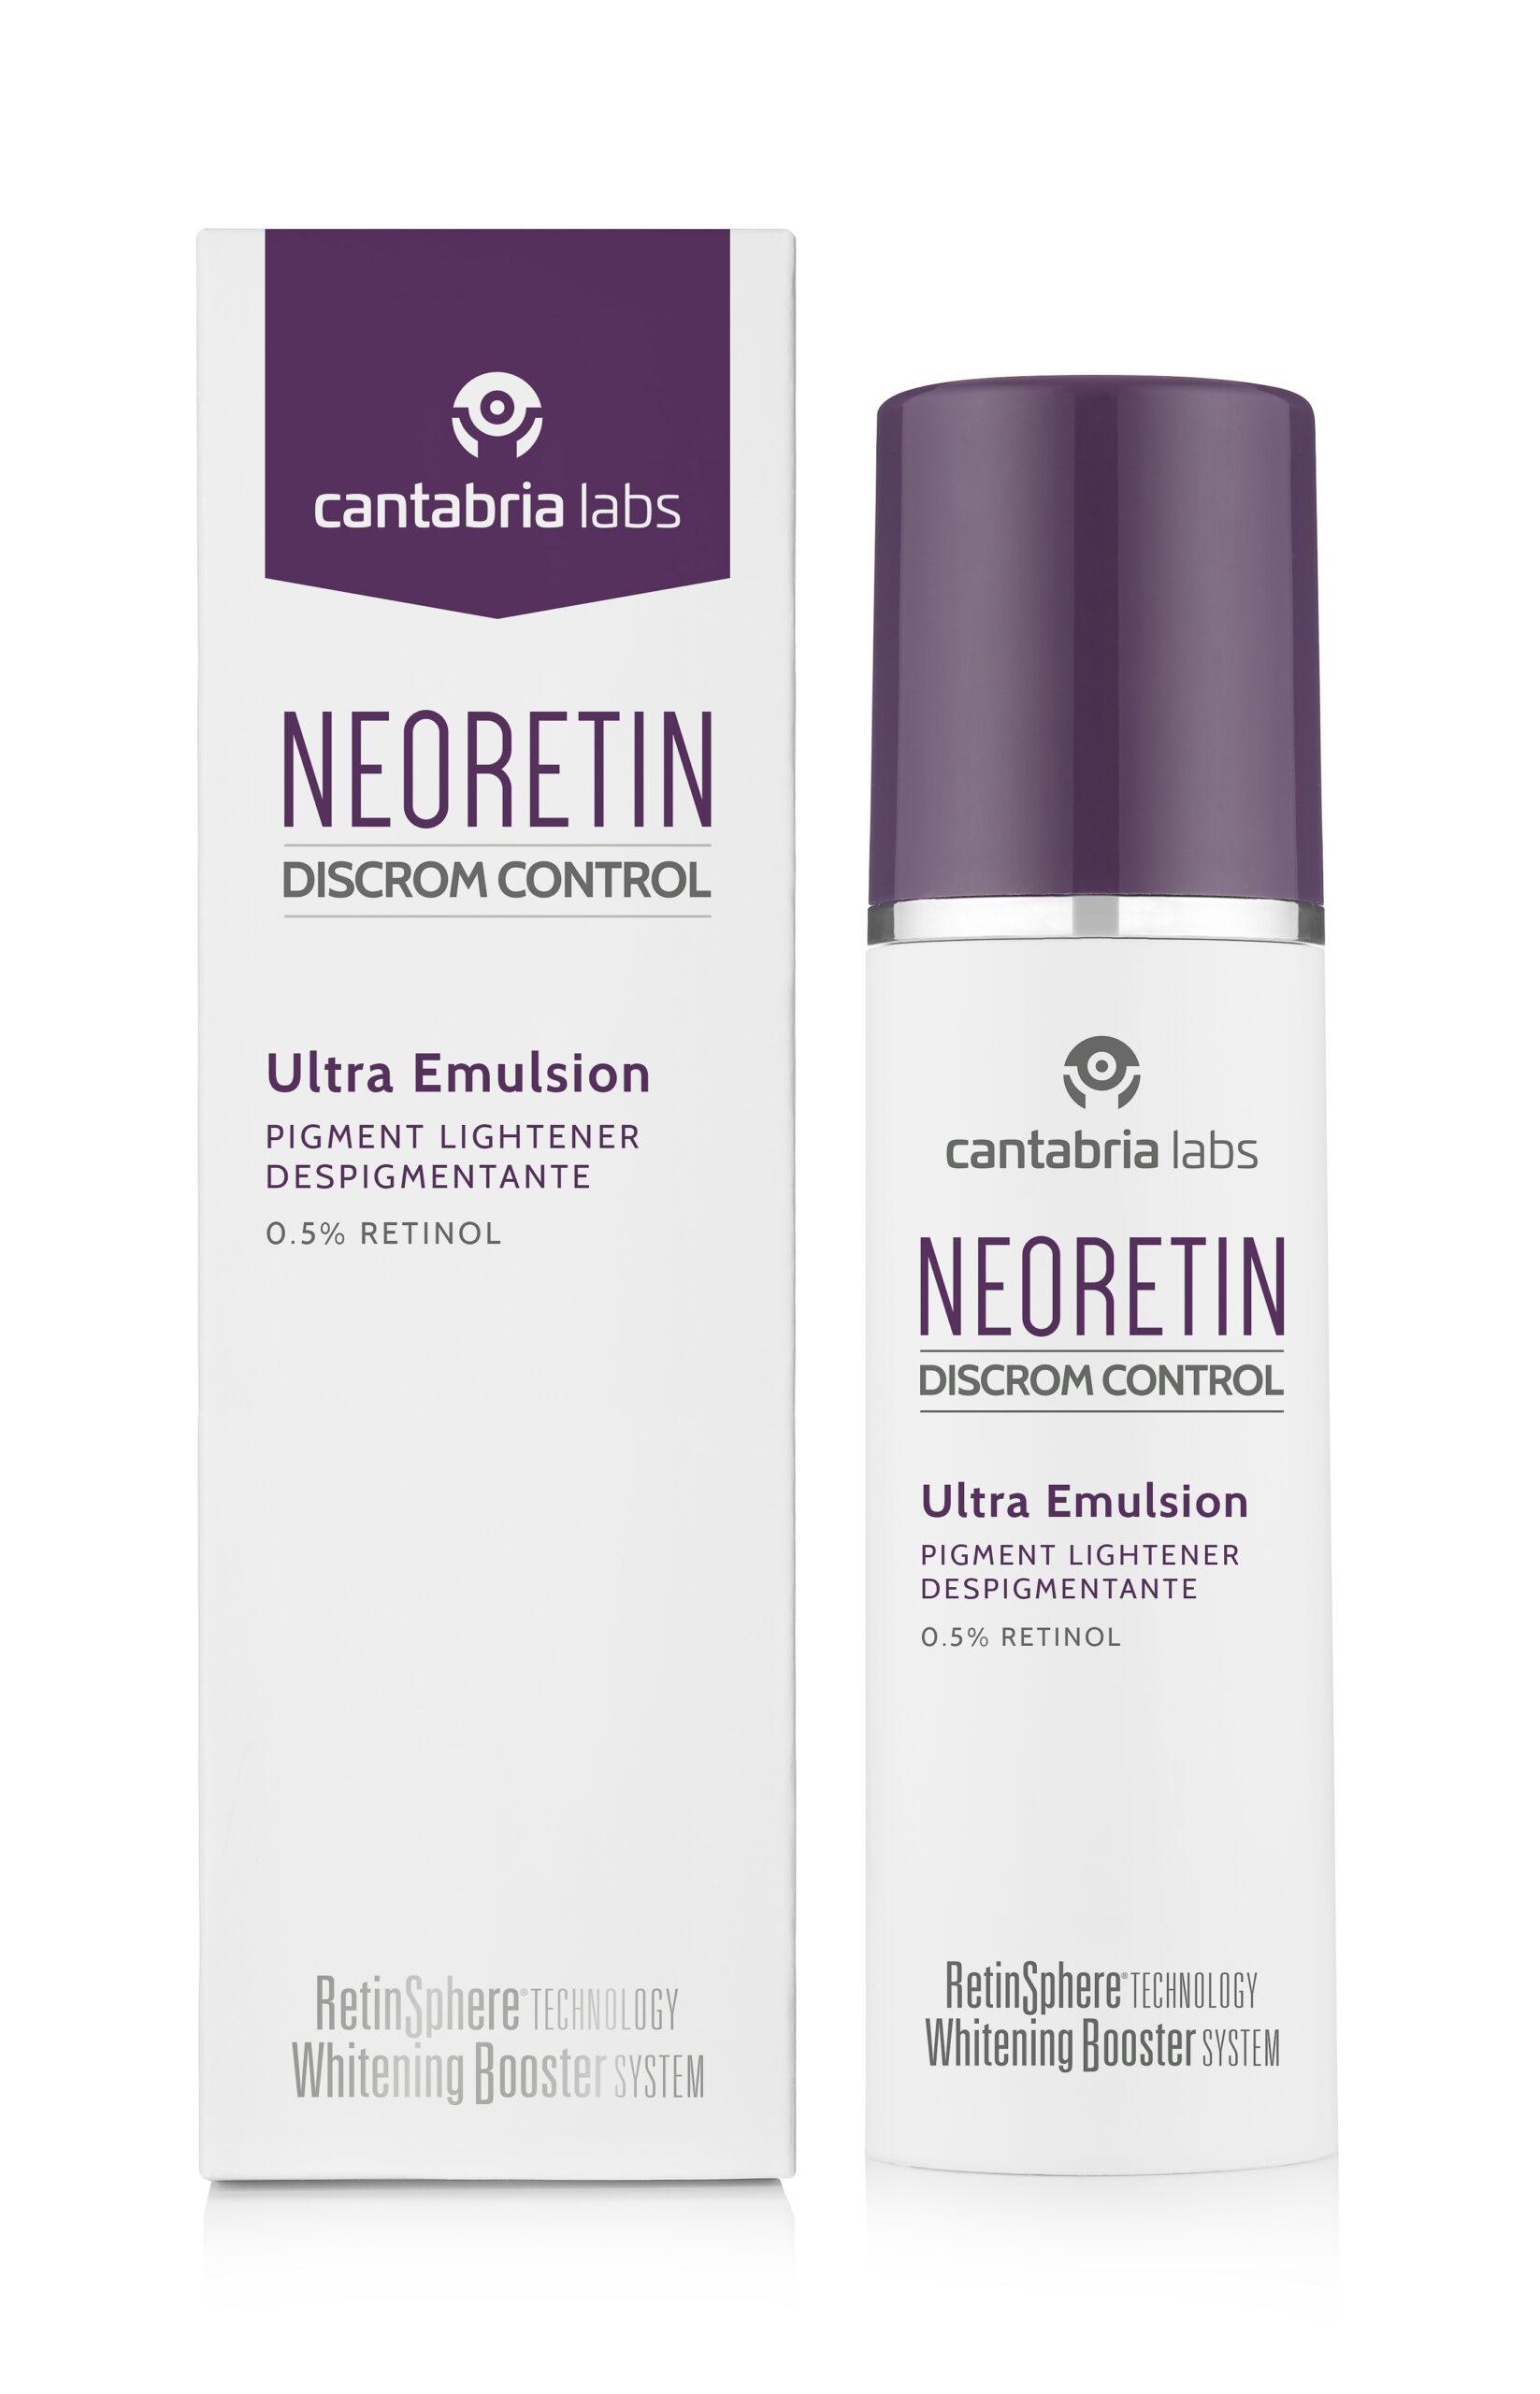 NeoRetin® Discrom Control Ultra Emulsion Despigmentante 2